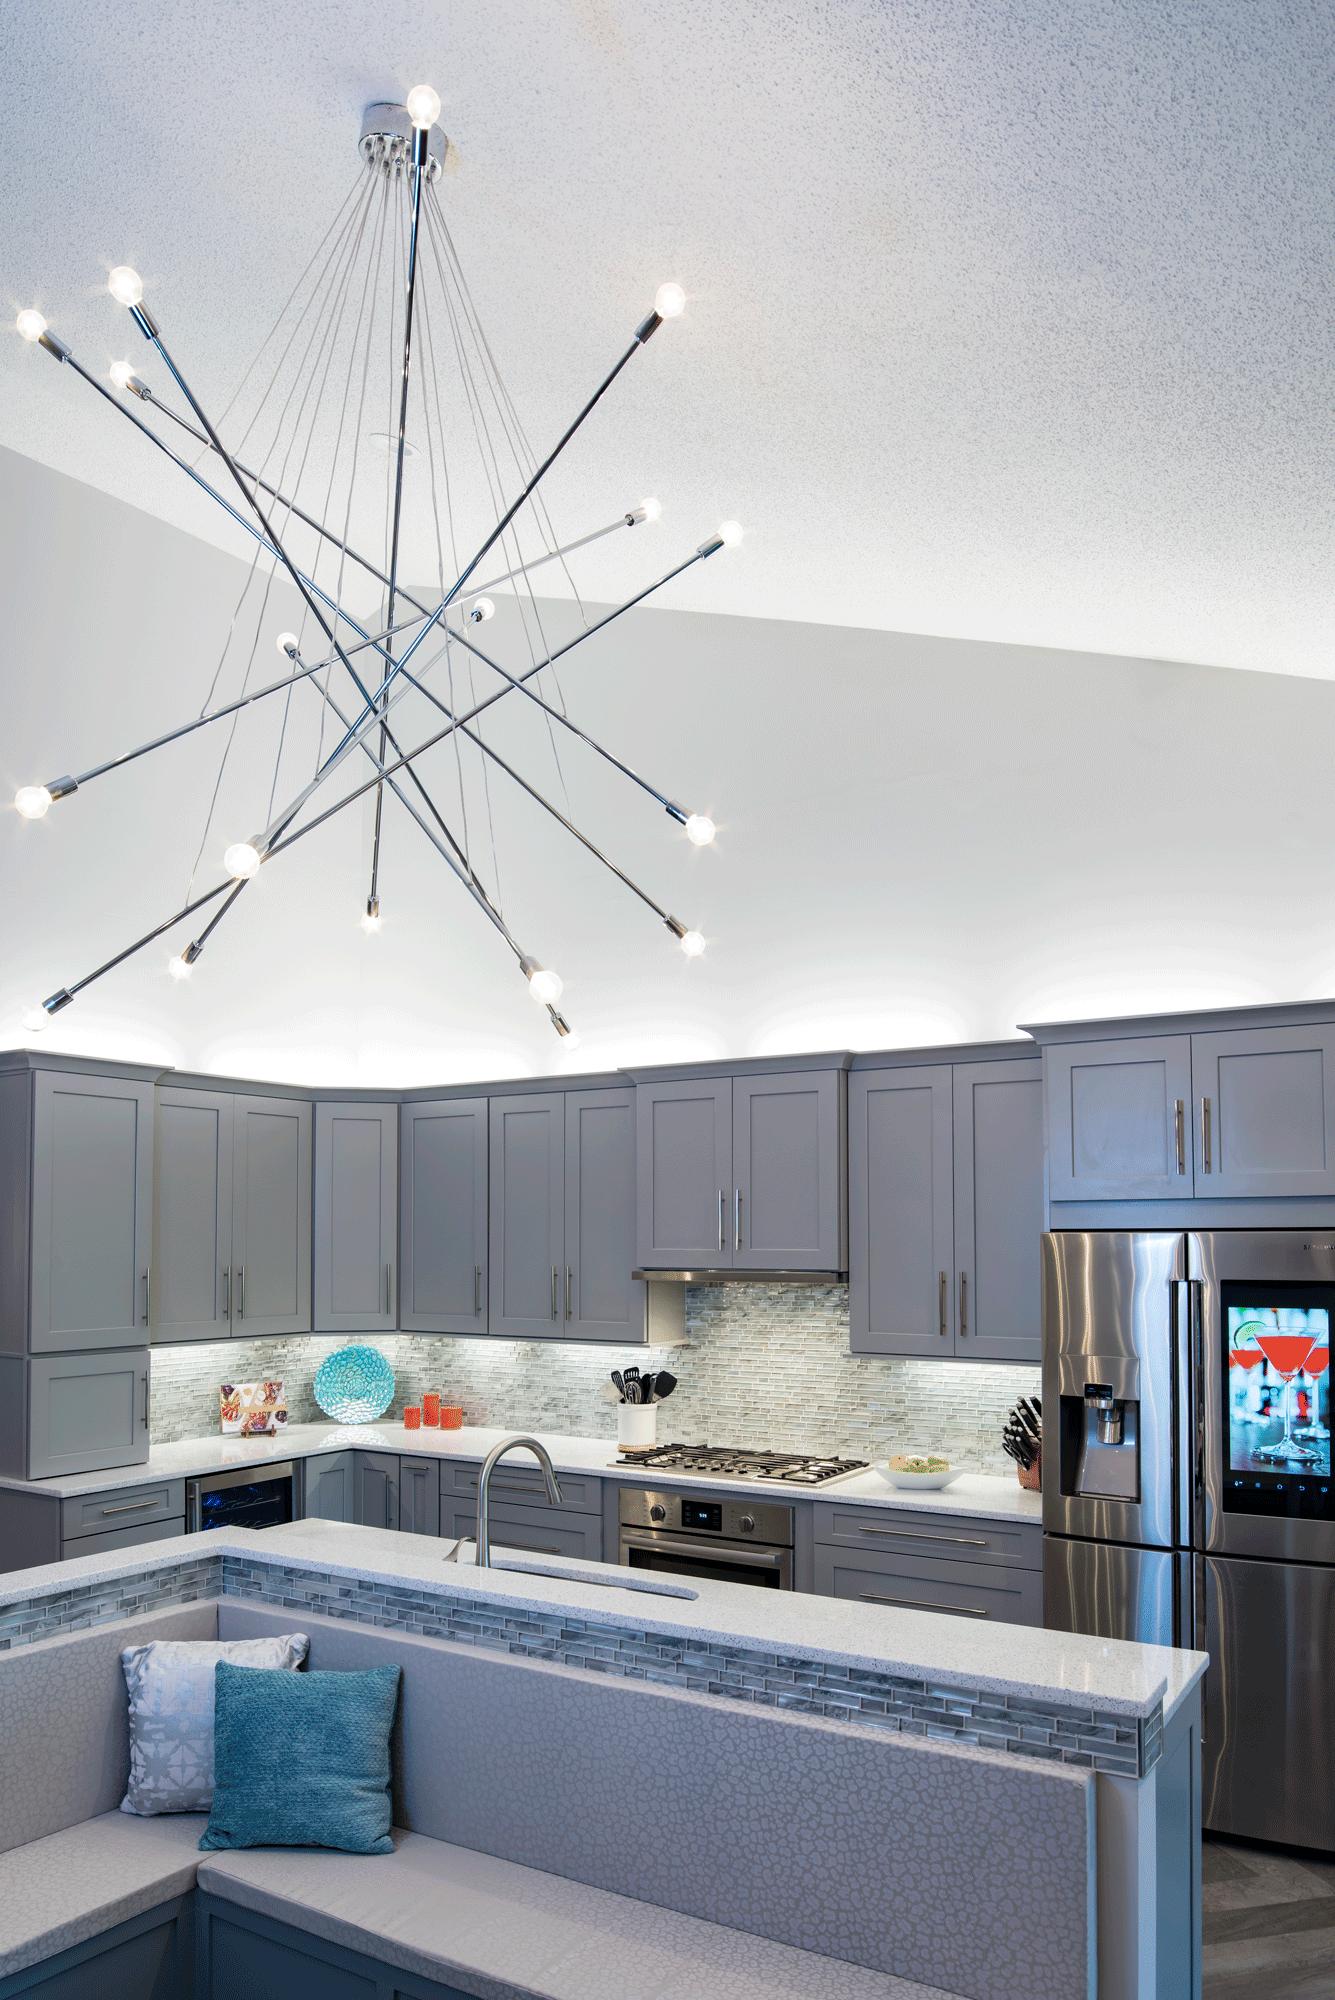 kitchen remodel with grey cabinets, unique creative lighting, tile backsplash